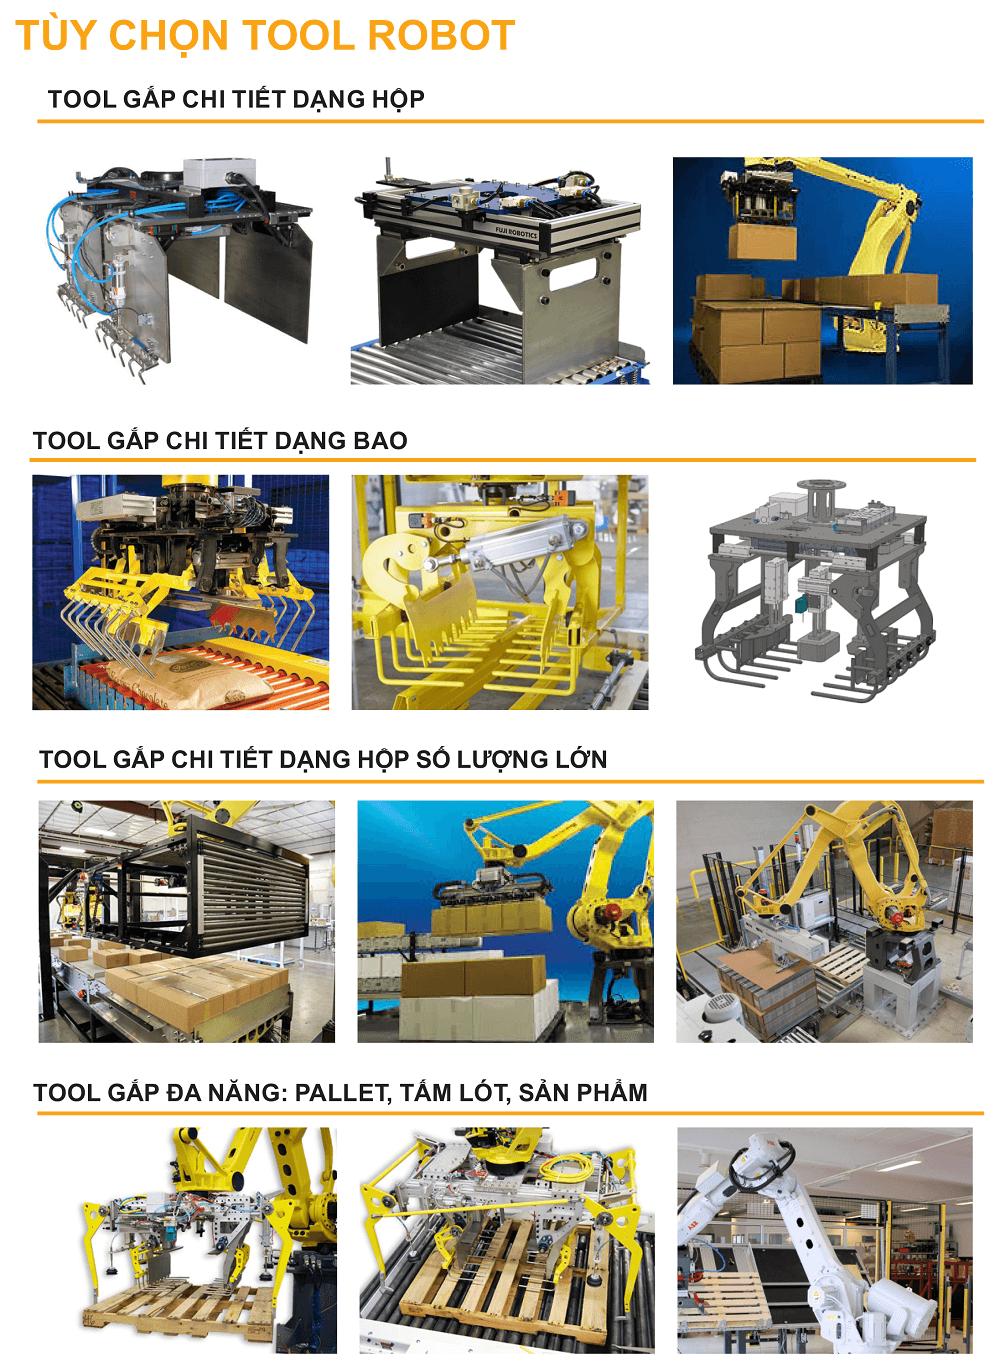 Tùy chọn tool robot